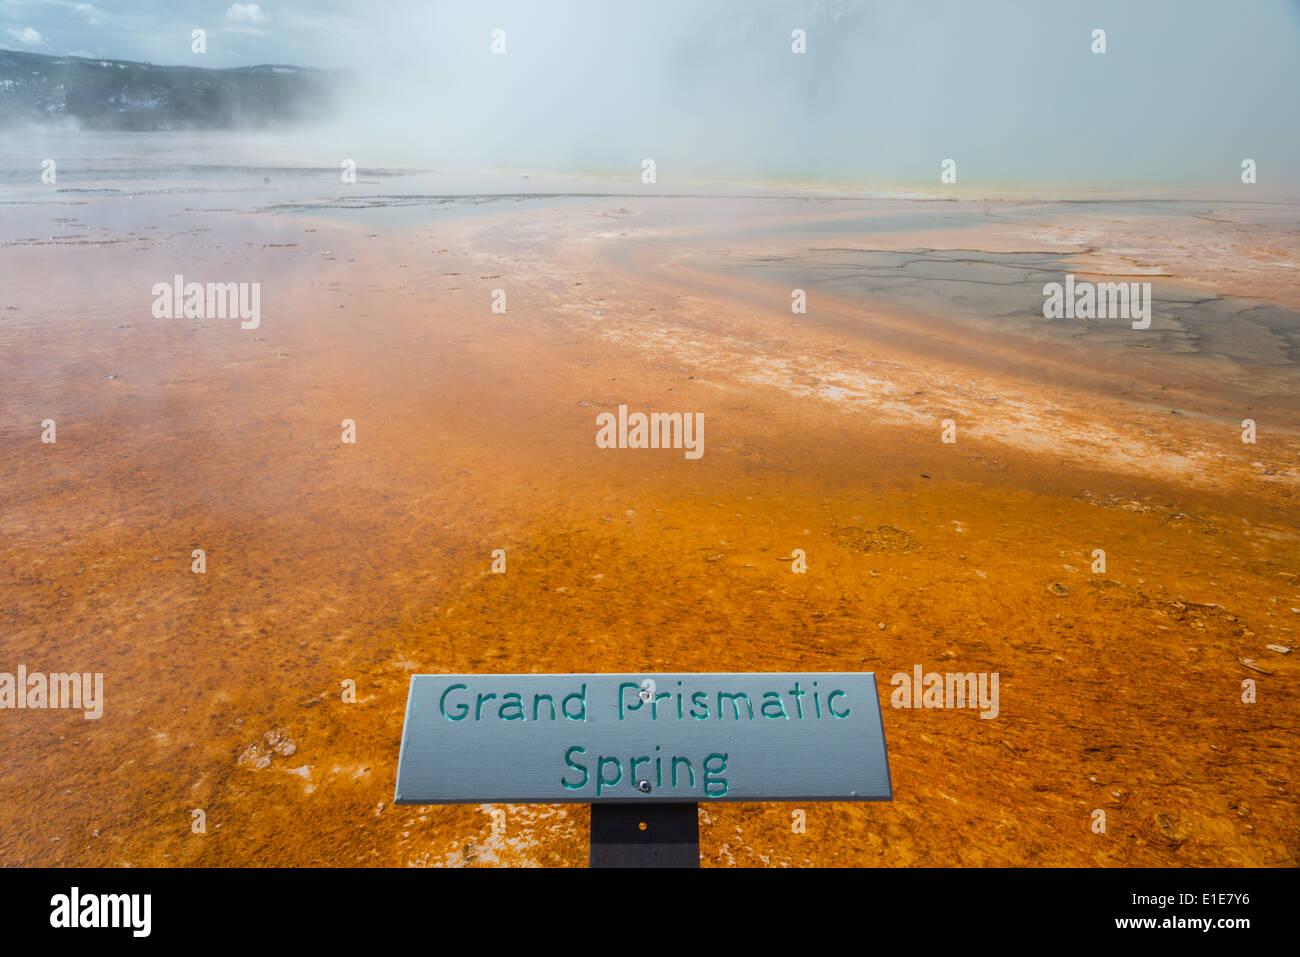 Signo de La Grand Prismatic Spring. El Parque Nacional Yellowstone, Wyoming, Estados Unidos. Foto de stock